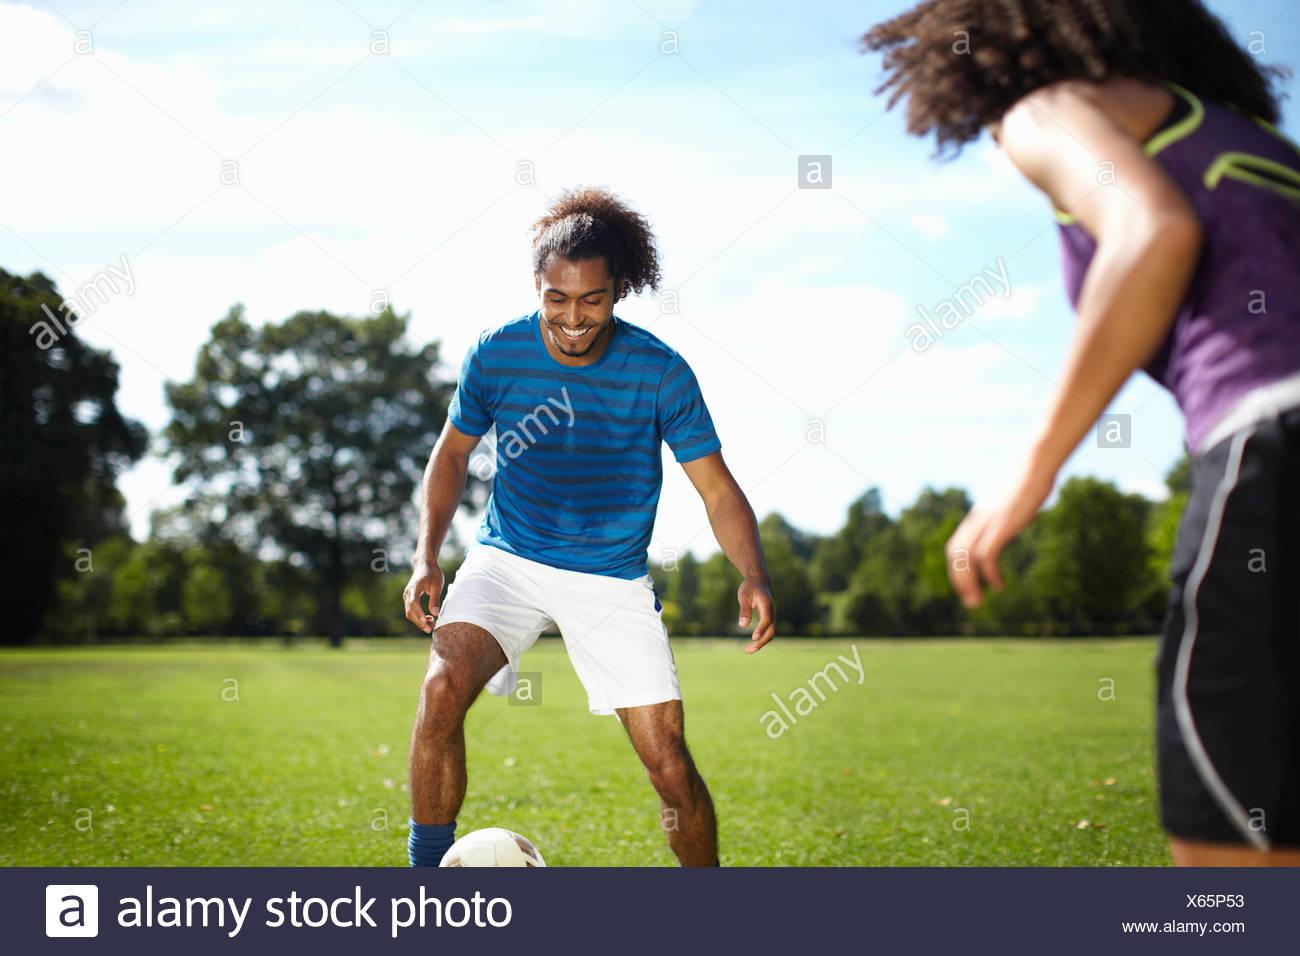 Pareja Joven Jugar Futbol Juntos En El Parque Foto Imagen De Stock